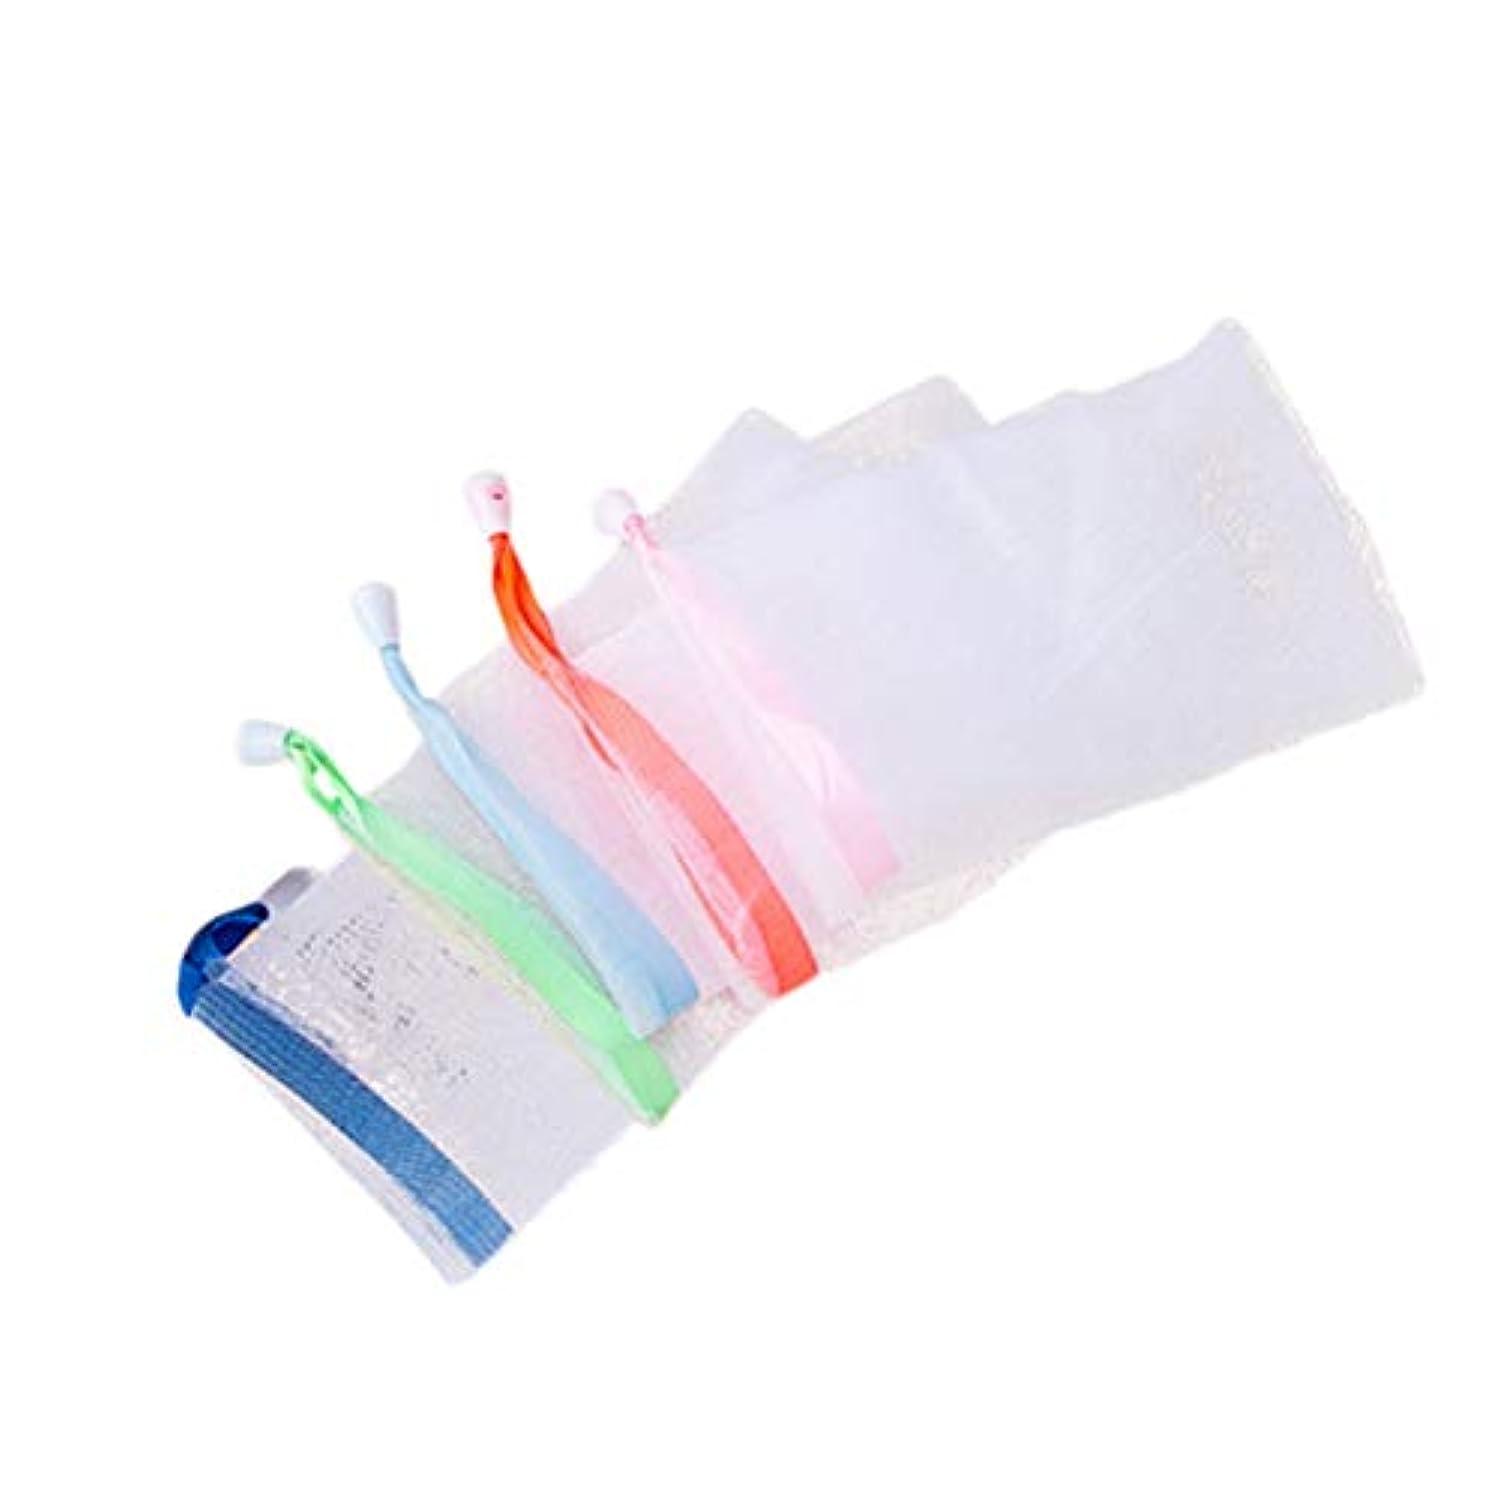 宗教韓国夏HEALIFTY 9pcsを洗う表面のための多彩な石鹸袋の泡立つ純袋の石鹸の泡ネット袋